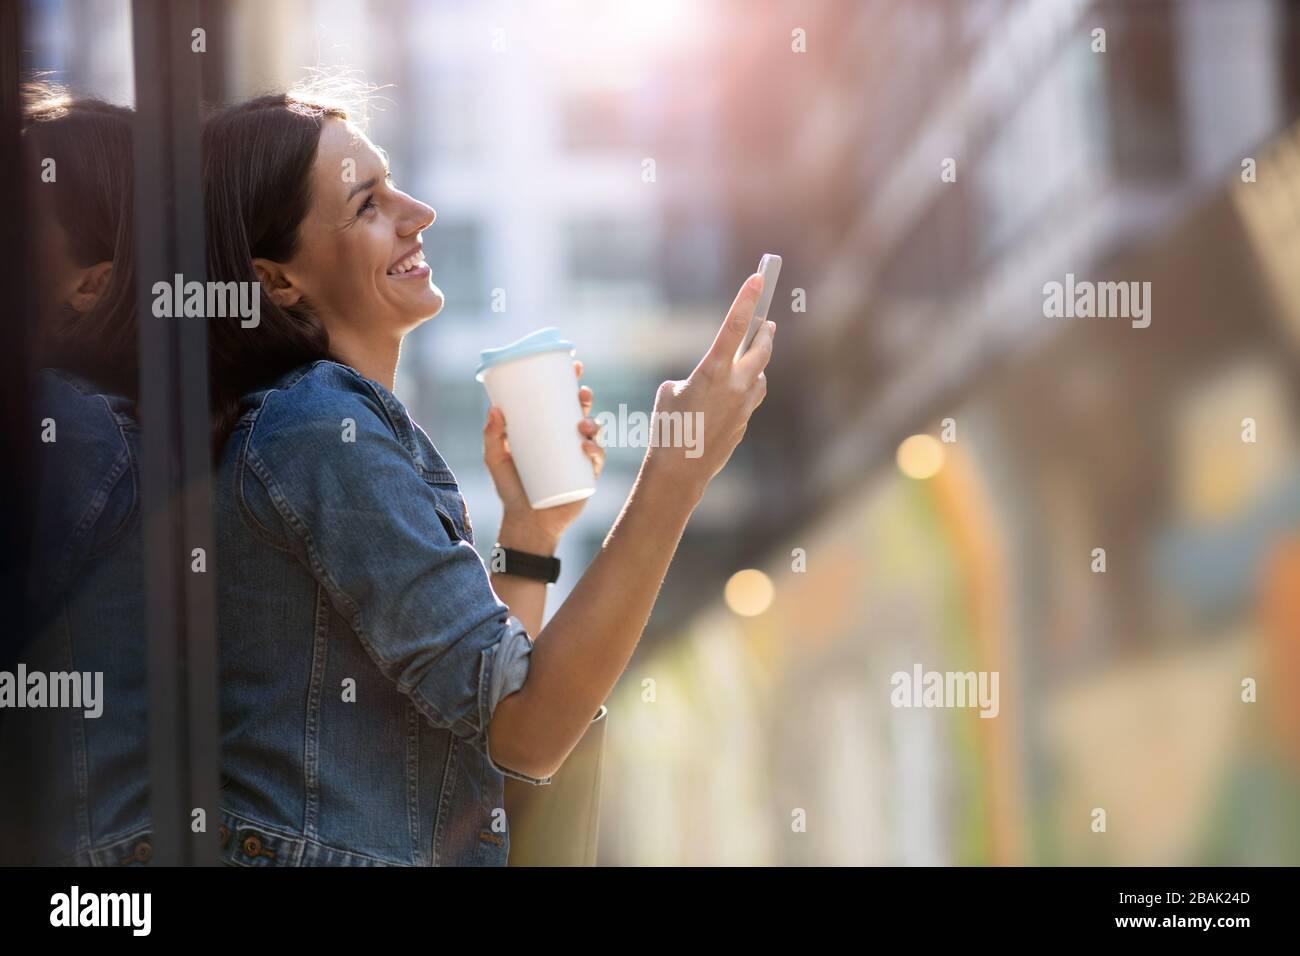 Porträt der jungen Frau im städtischen Raum Stockfoto